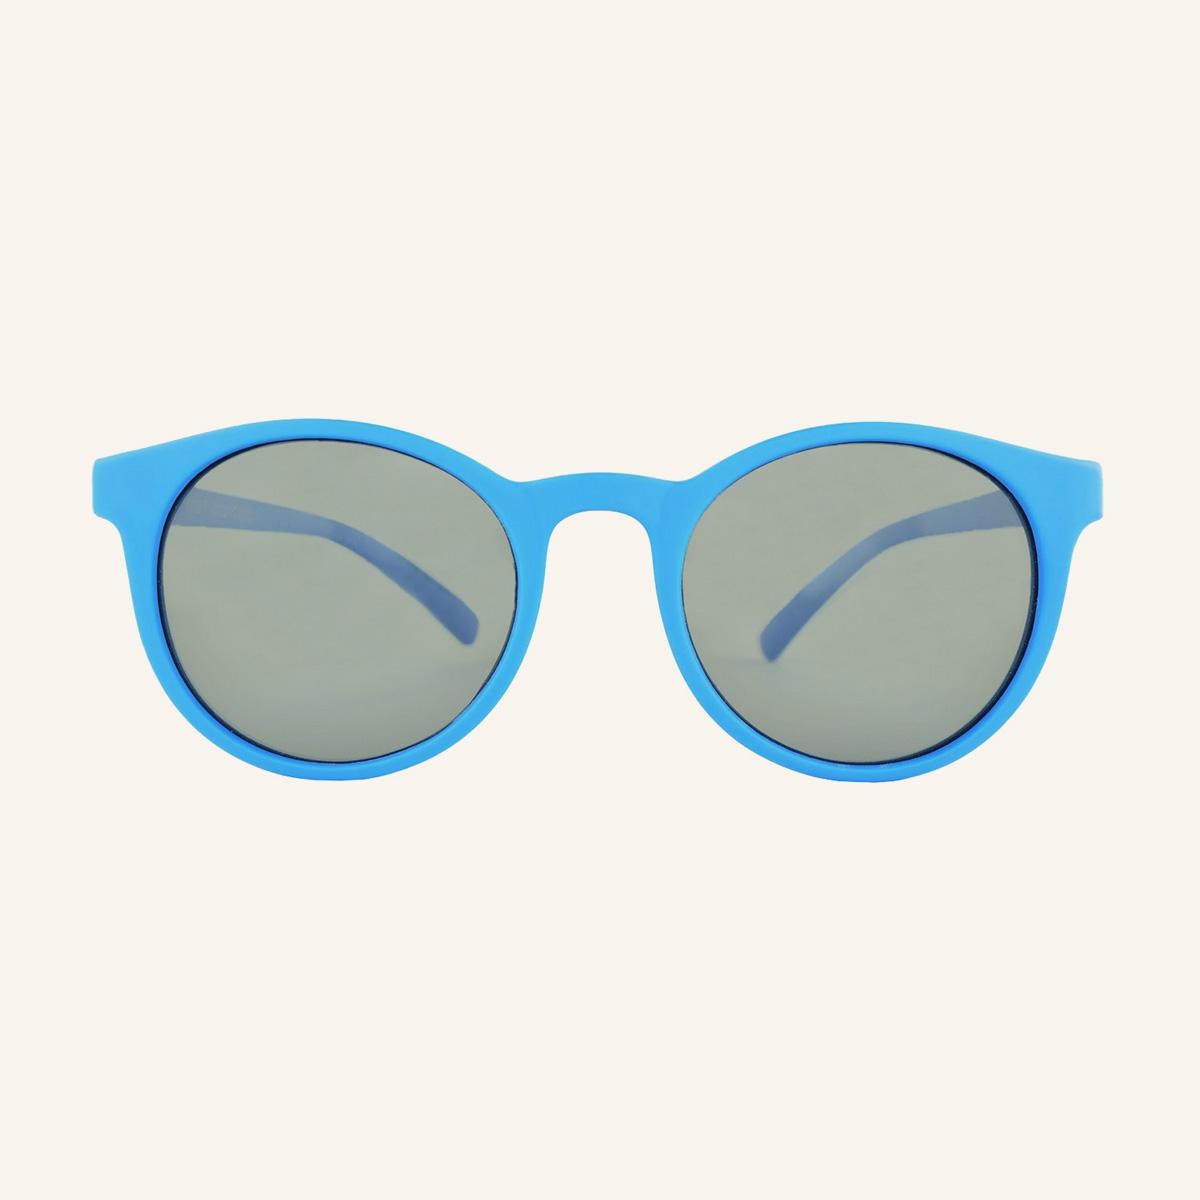 Children's sunglasses 6-12 years old